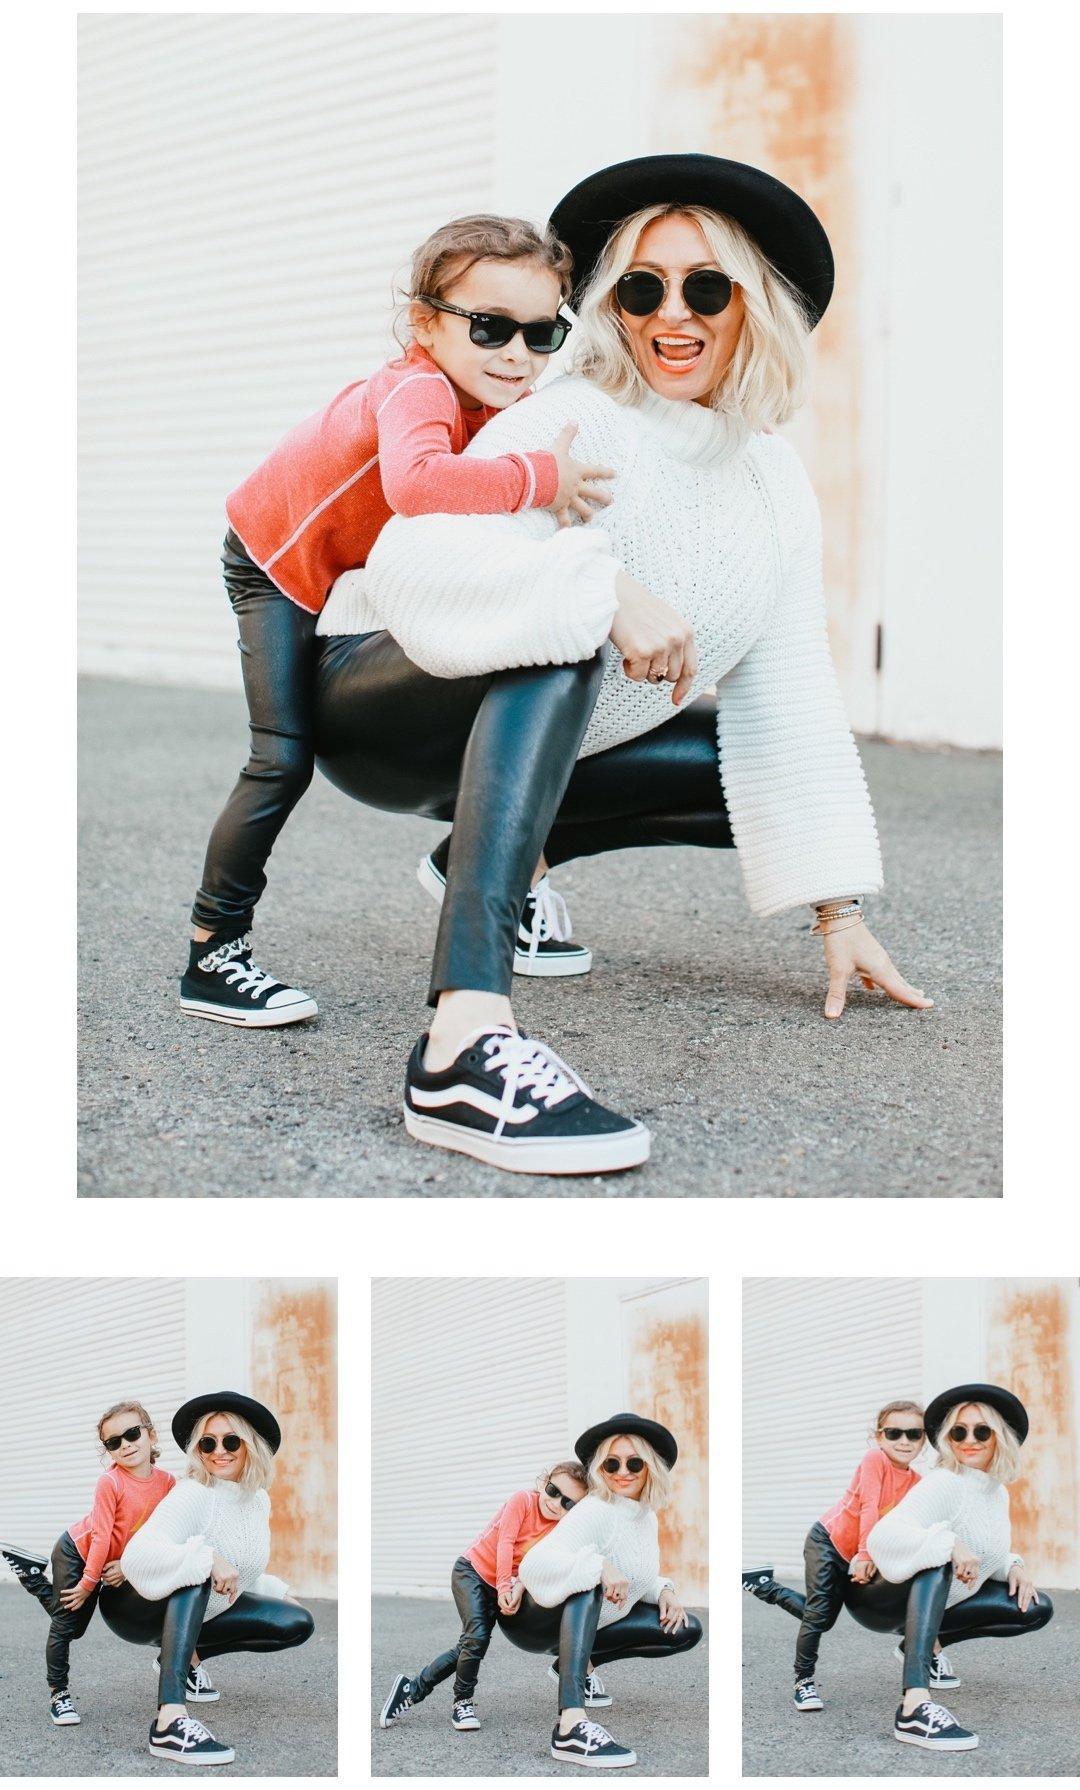 mom and kid posing fashion shots